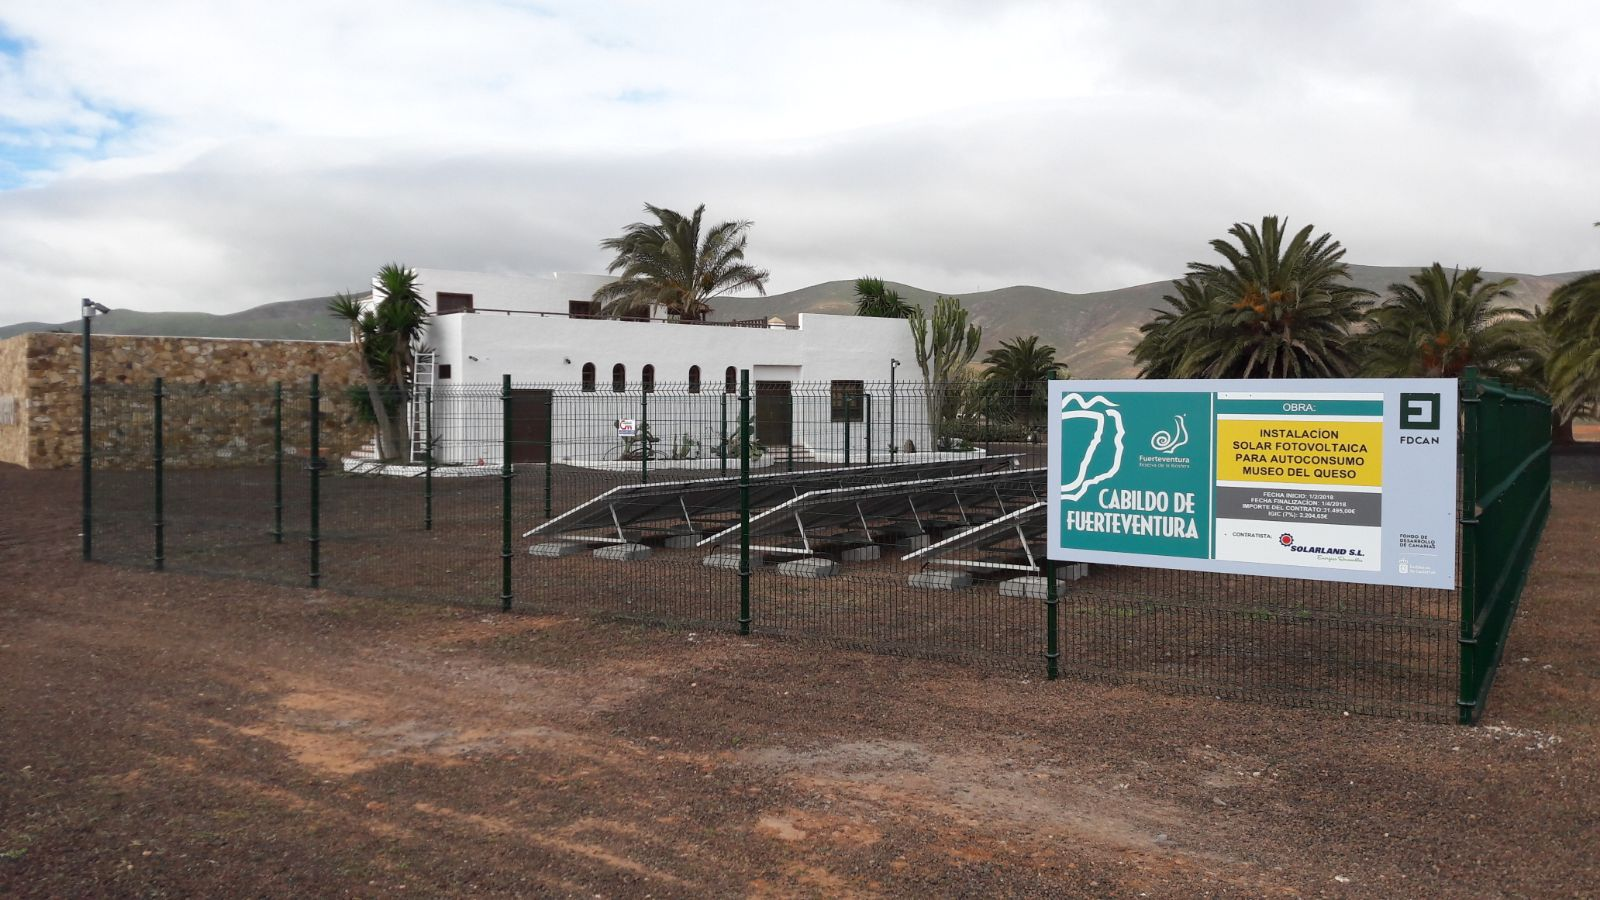 El Museo del Queso Majorero se autoabastece de energía solar